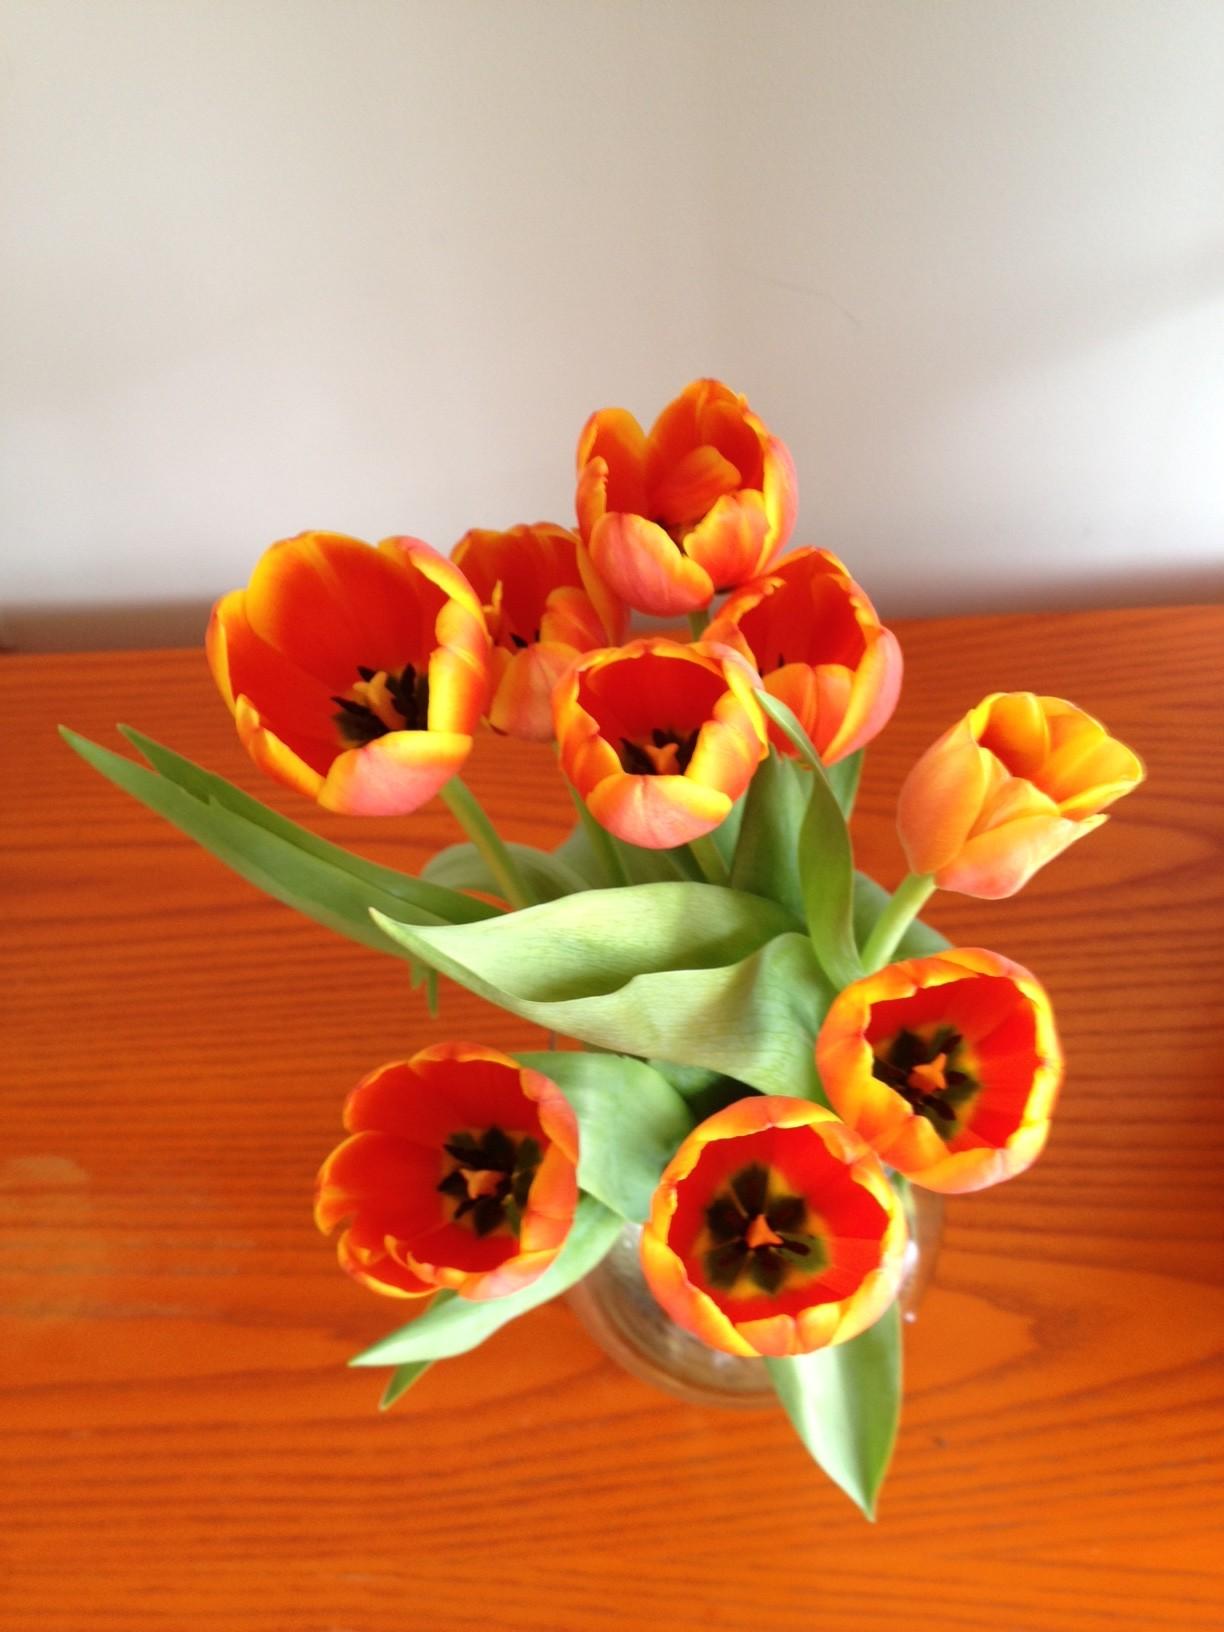 Mayeda tulips